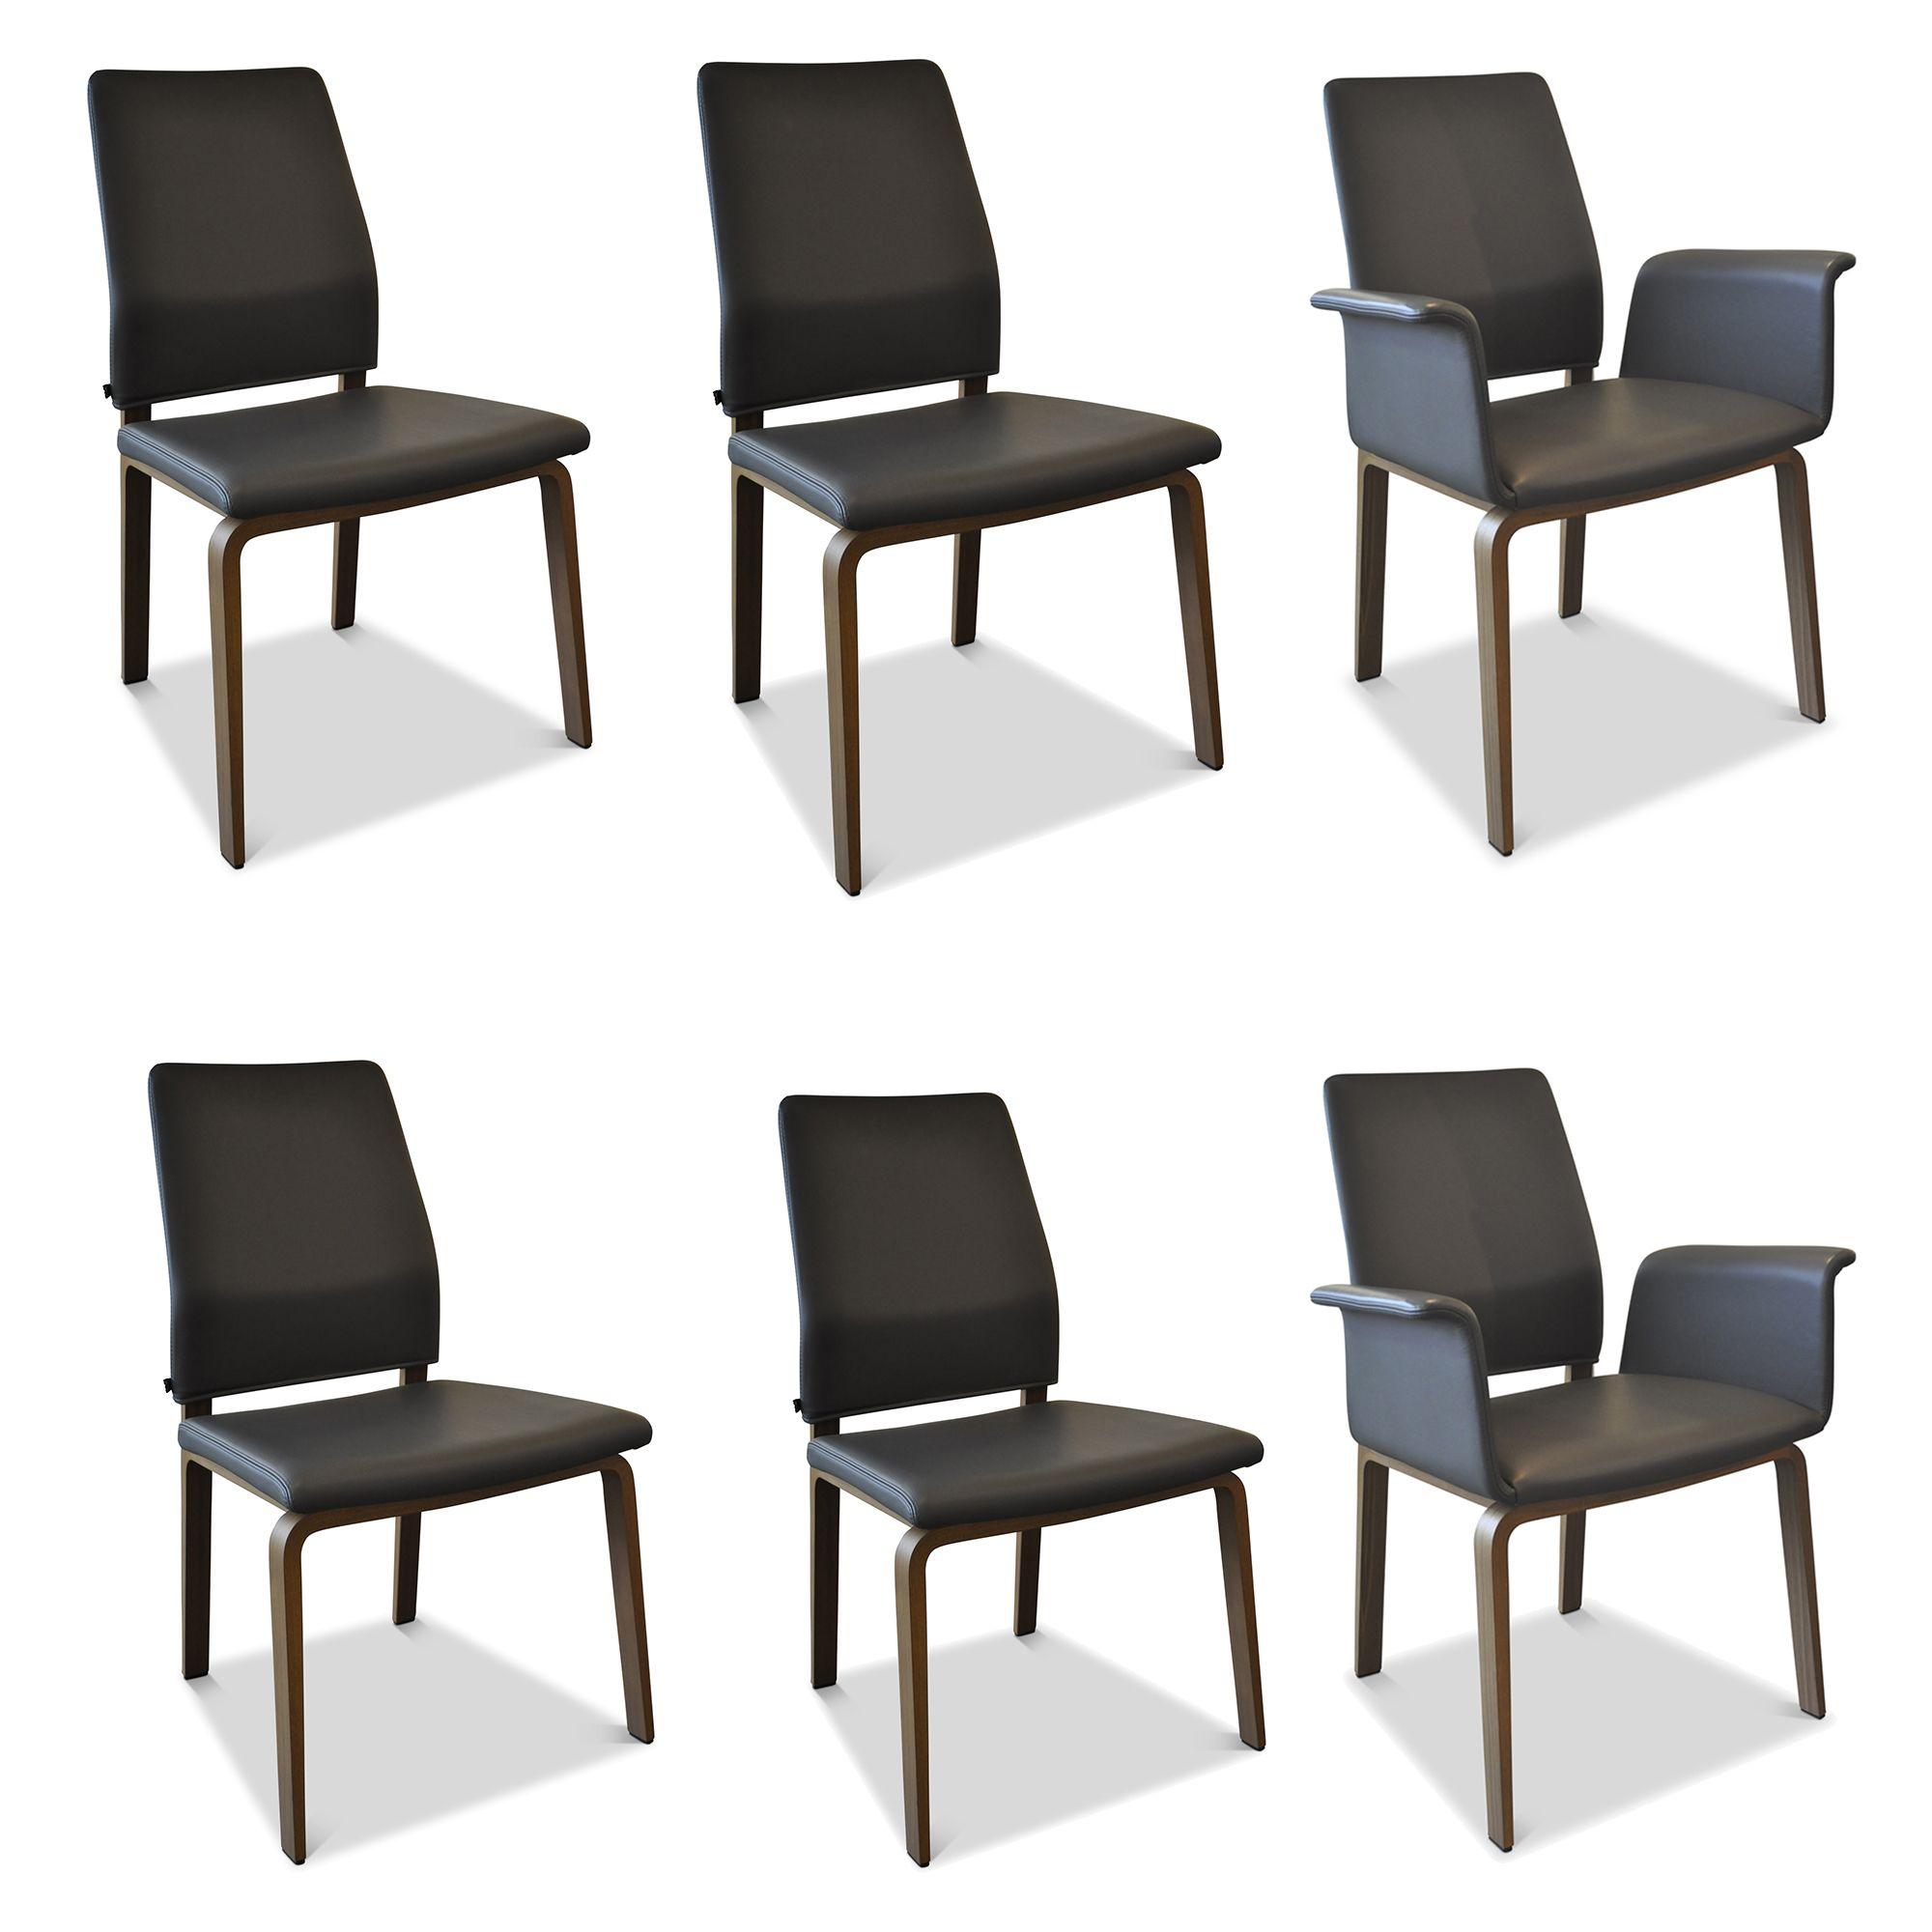 Set– Fino6er Stuhl Stühle KaufenMöbelfirst Cor Günstig uwklXiTOPZ